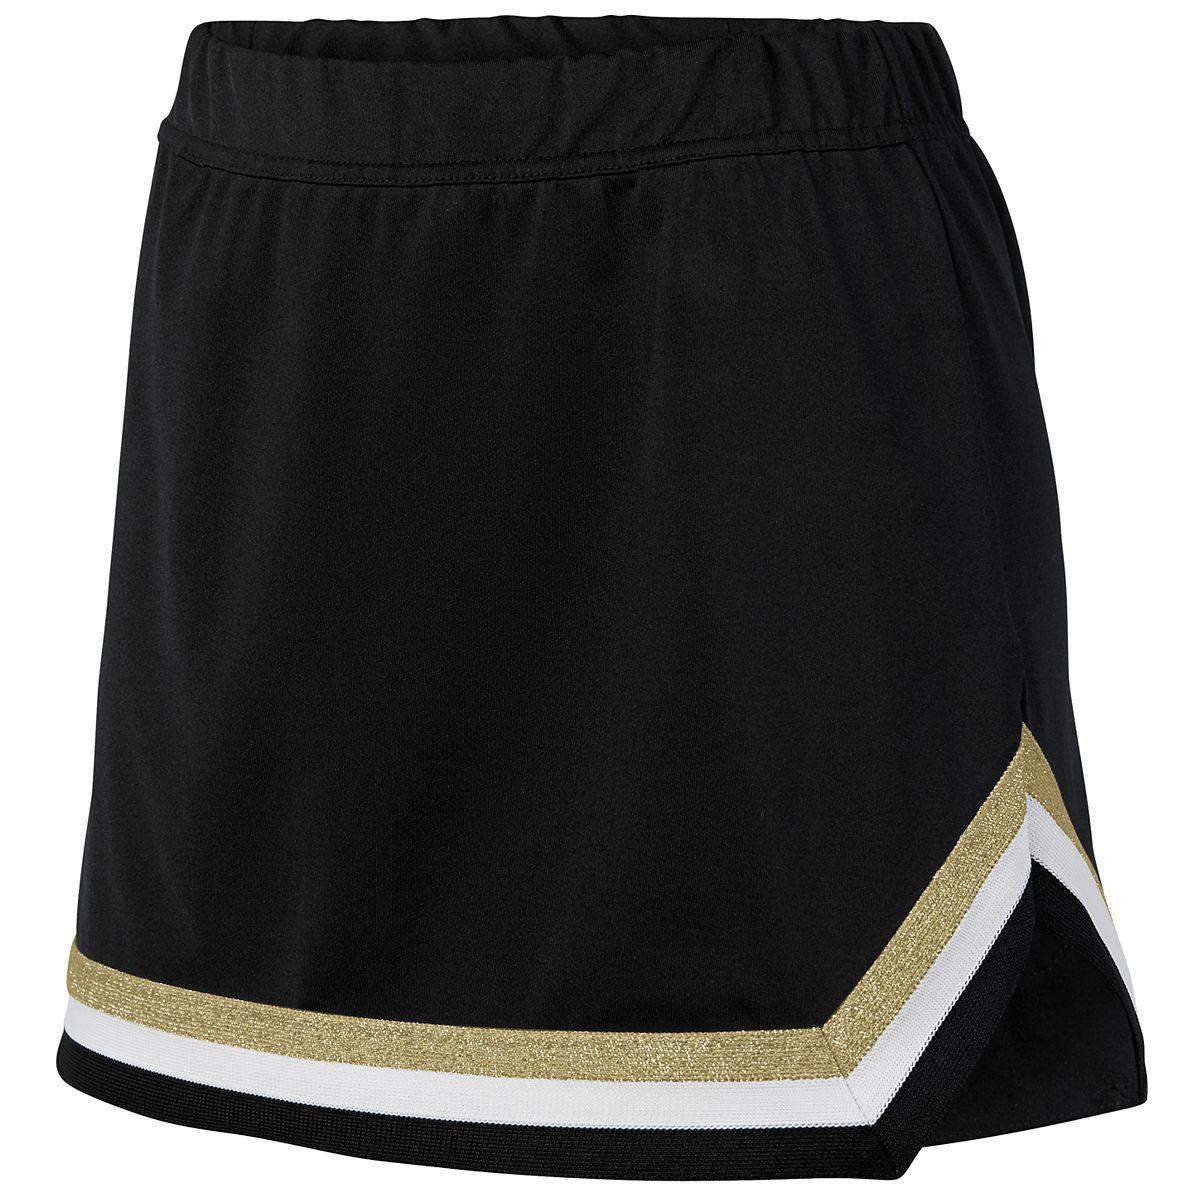 Augusta Girls Pike Skirt Bk/Wh/Mg M - image 1 de 1